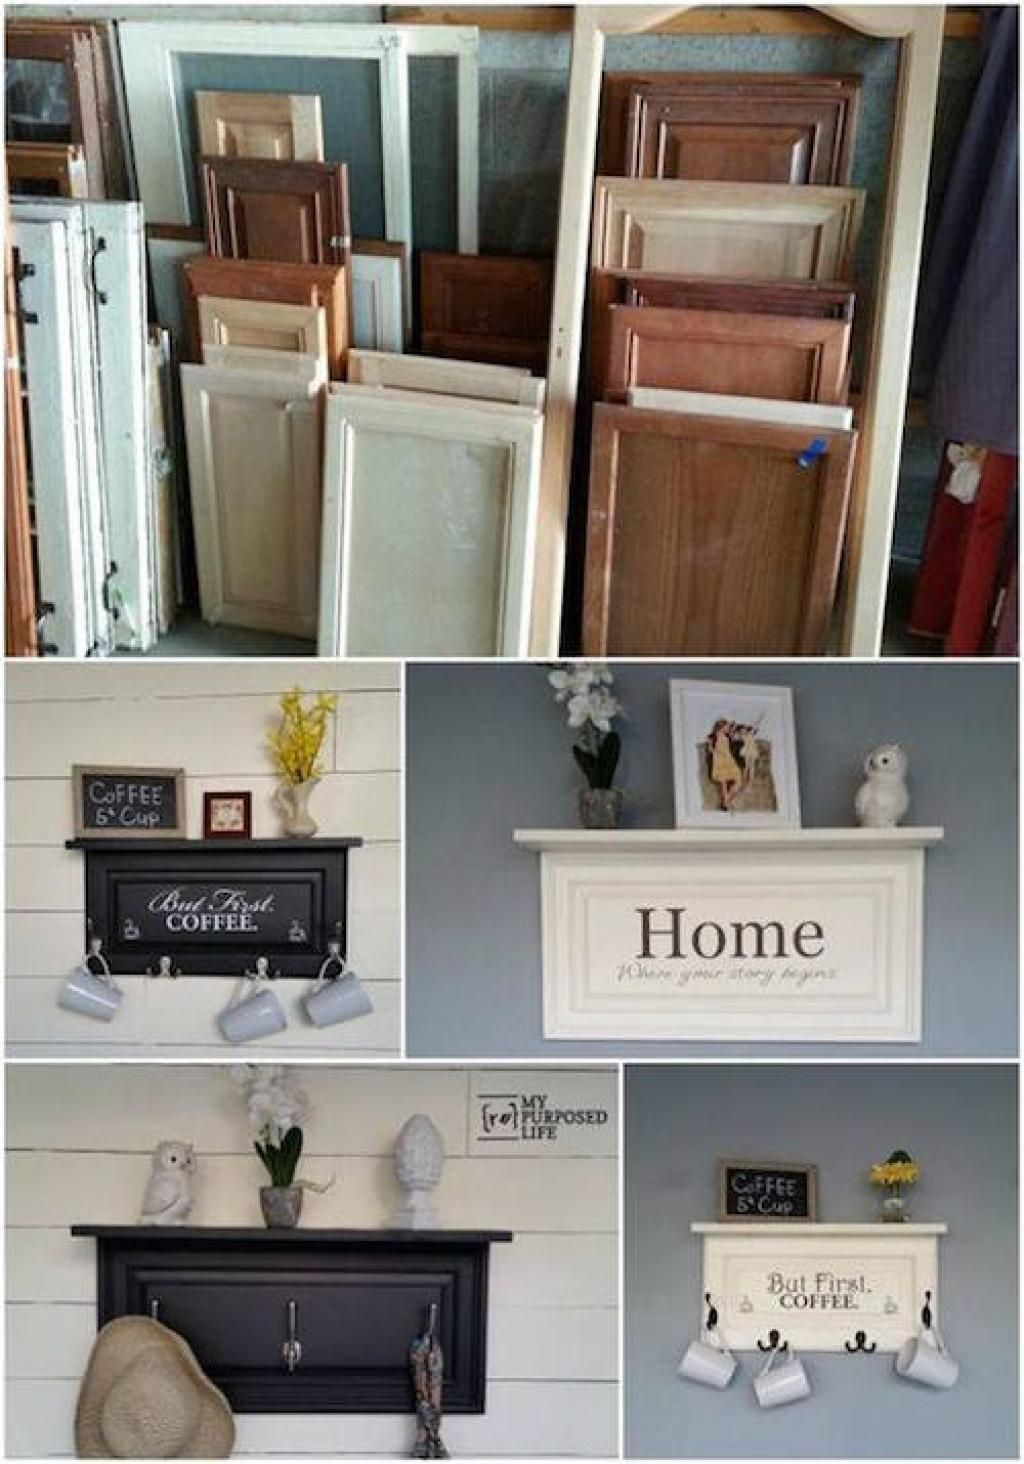 Les 30 meilleures transformations de meubles et d 39 objets r cup r s tra - Transformation de meuble ...